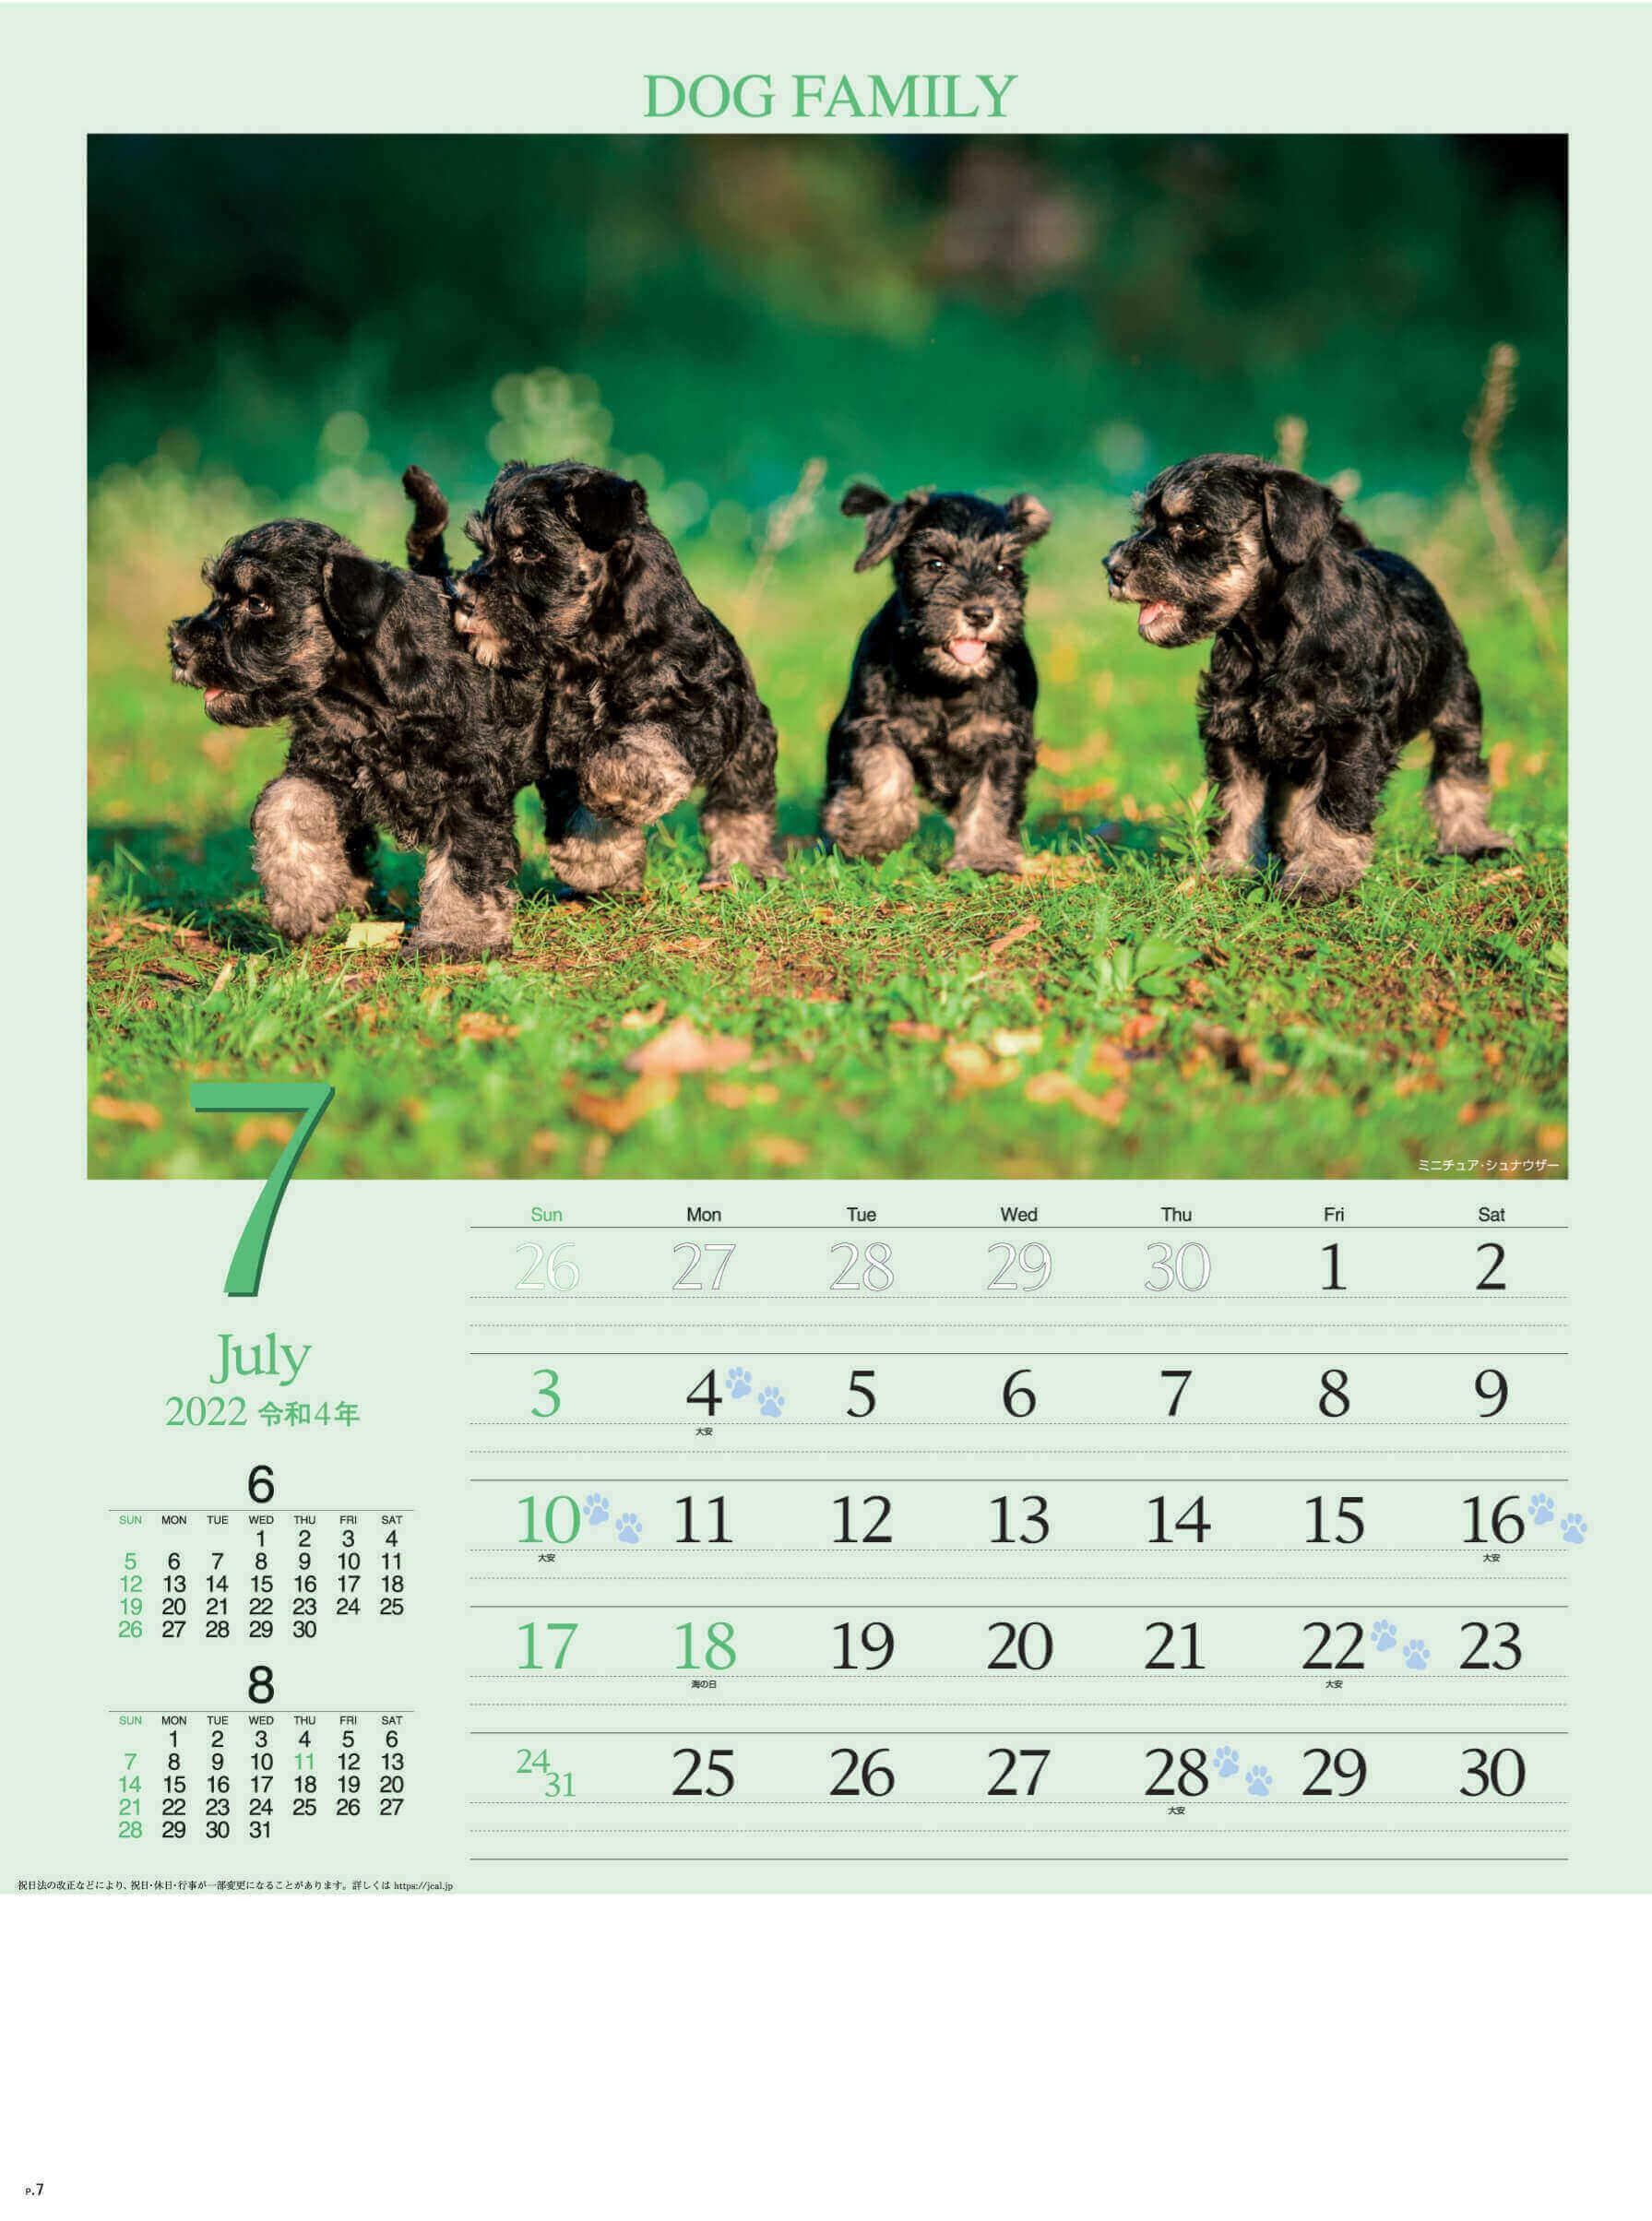 7月 ミニチュア・シュナウザー ドッグファミリー 2022年カレンダーの画像